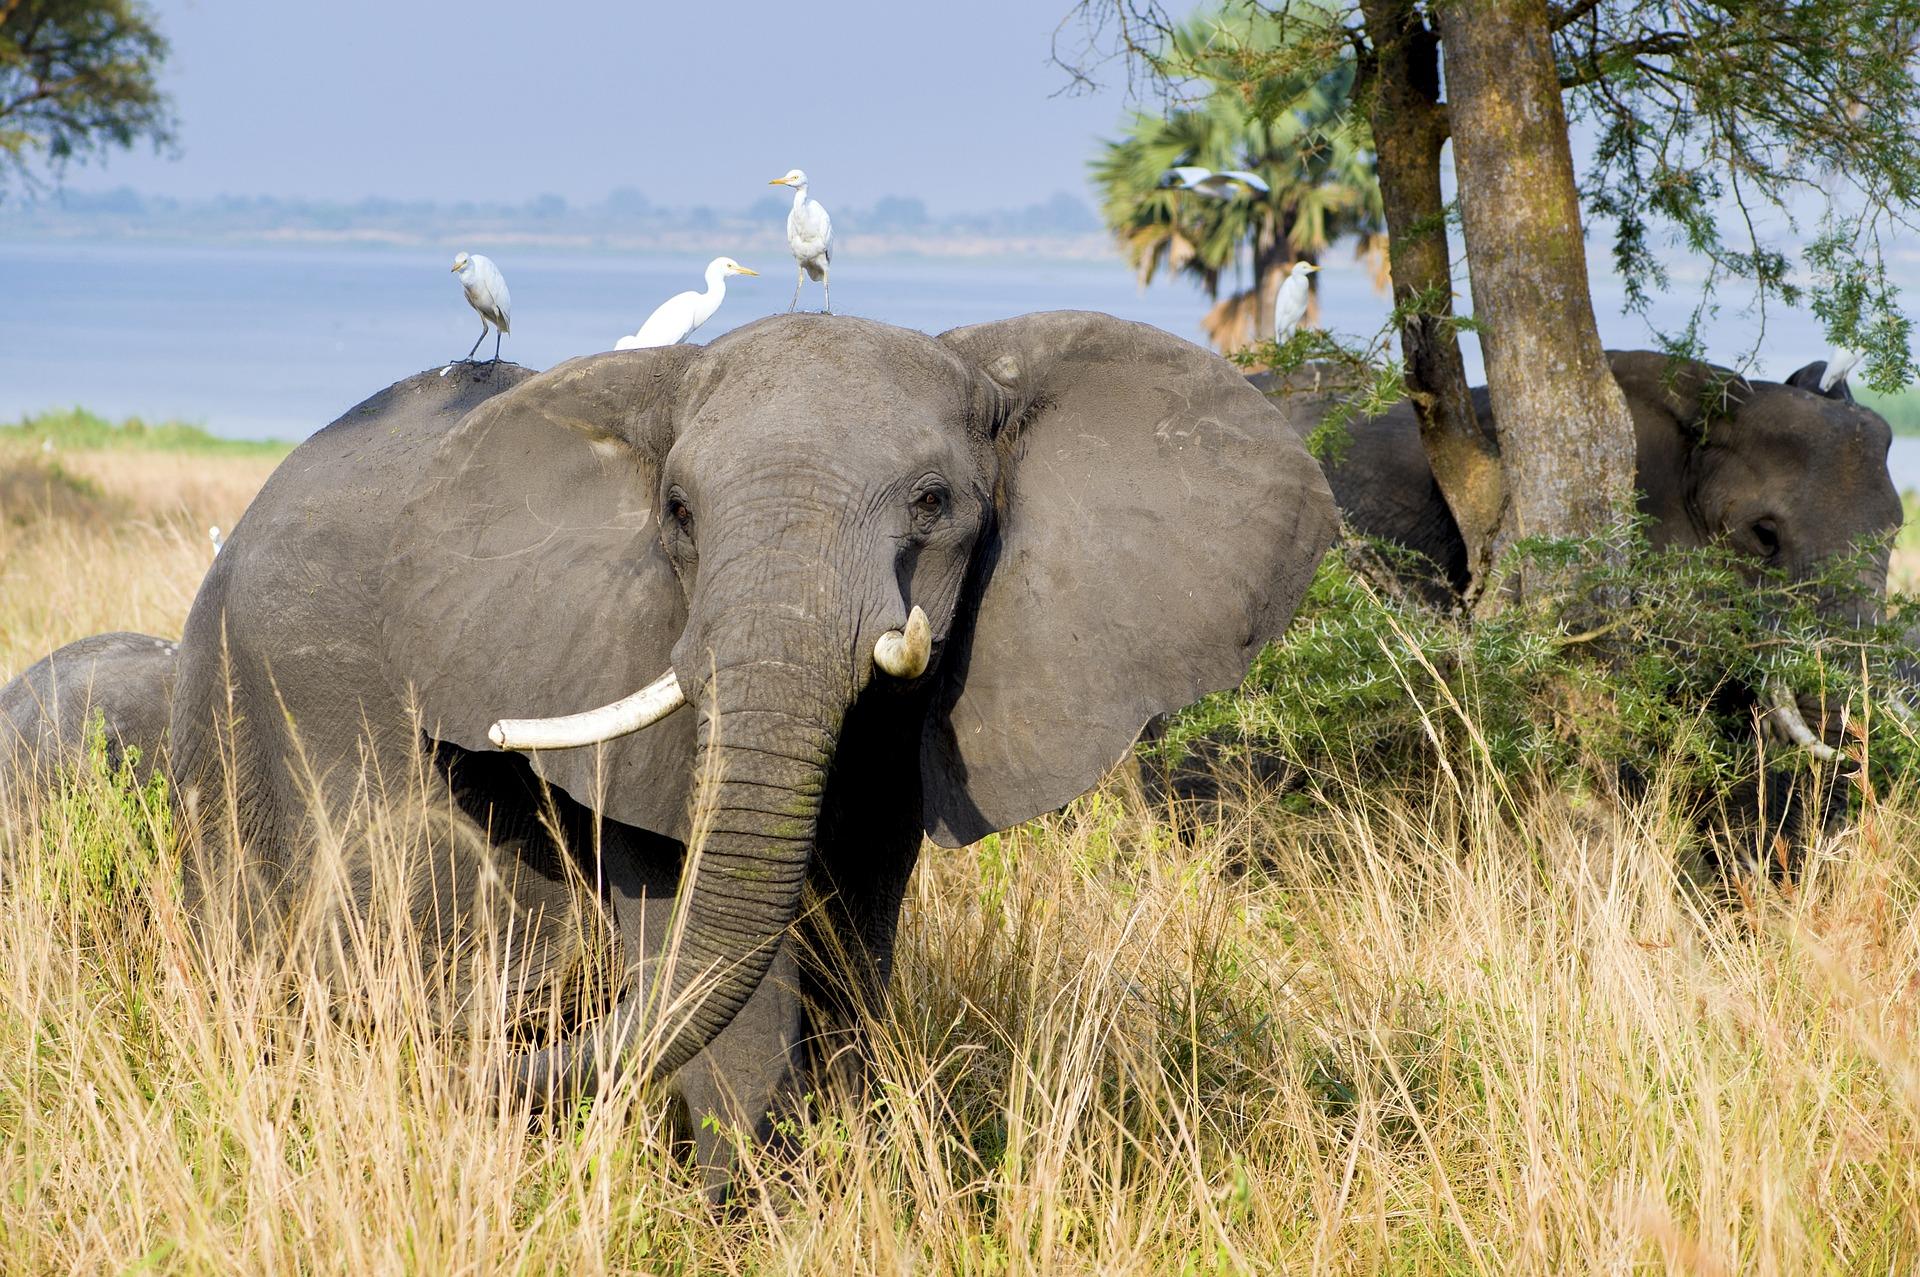 Uganda was gibt es schöneres als eine Safari in Afrika zu unternehemen